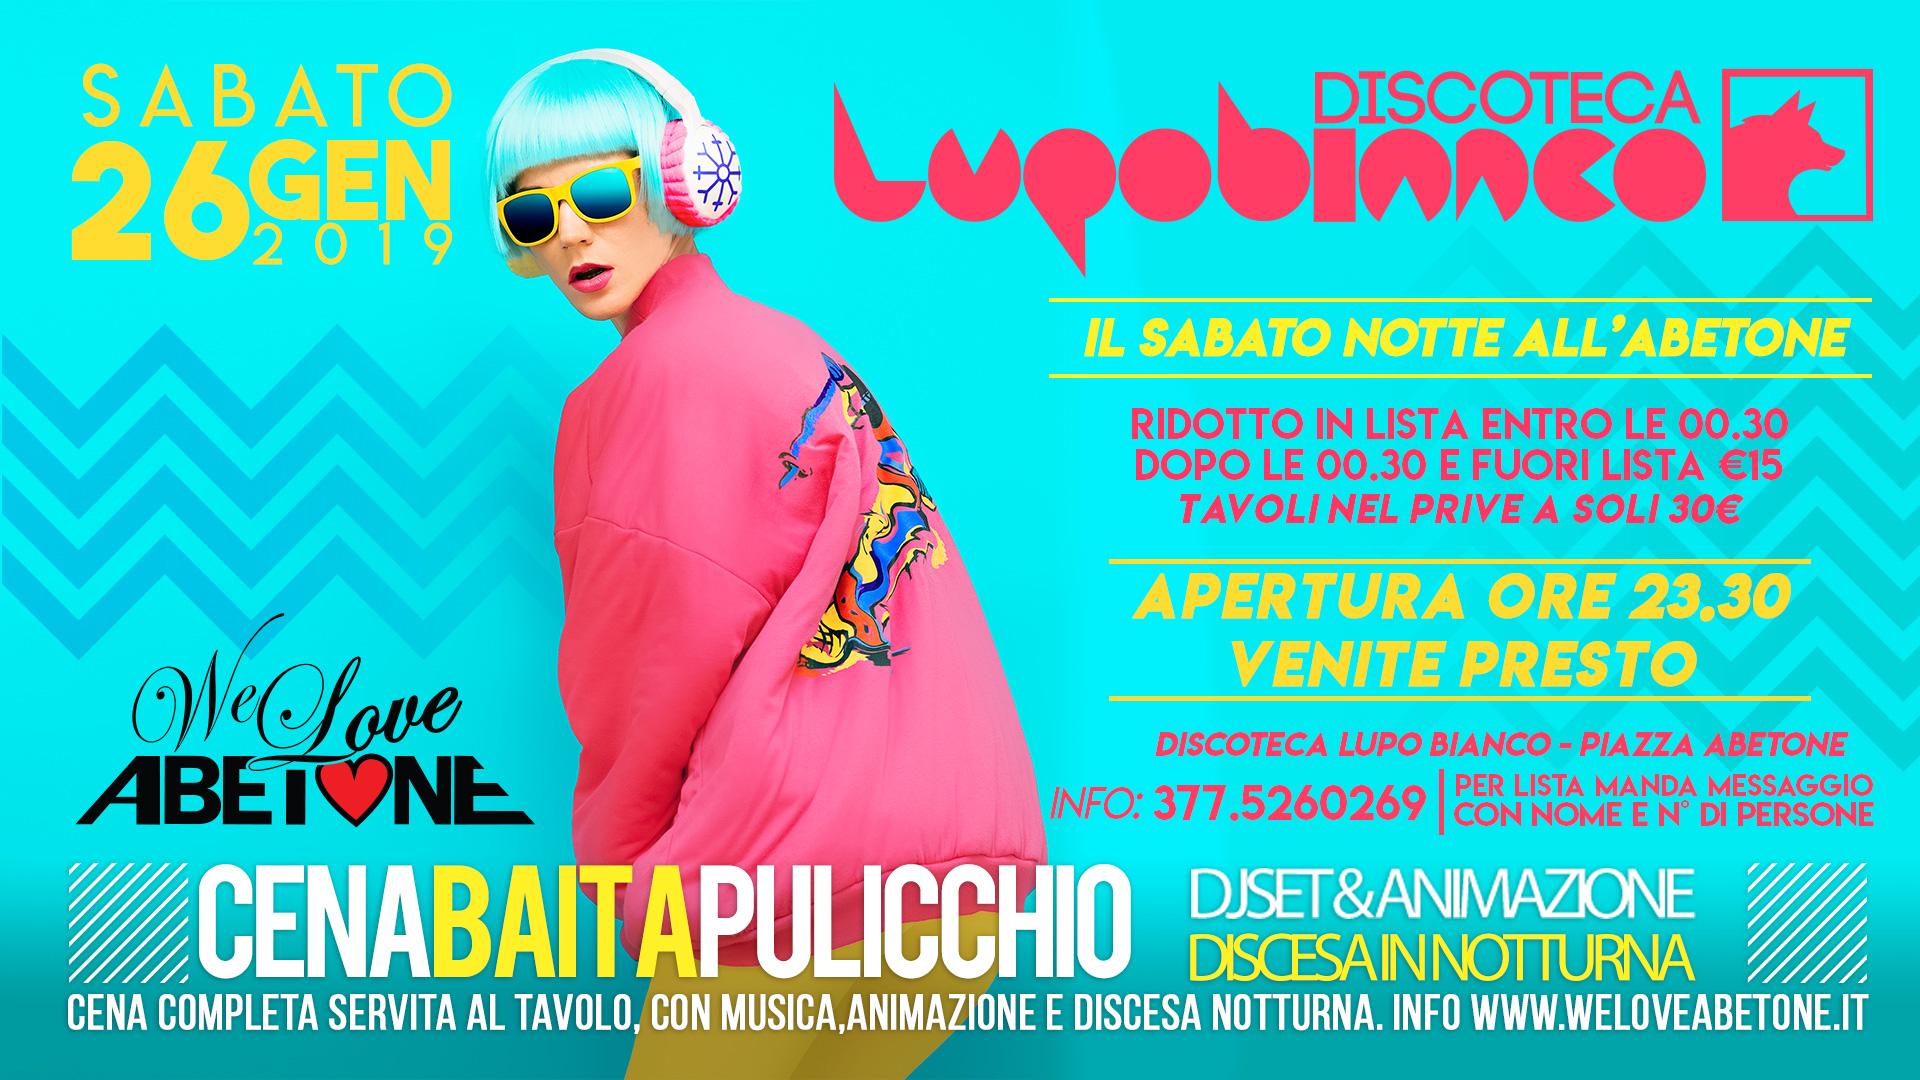 discoteca-lupobianco-abetone-26-gennaio-2019